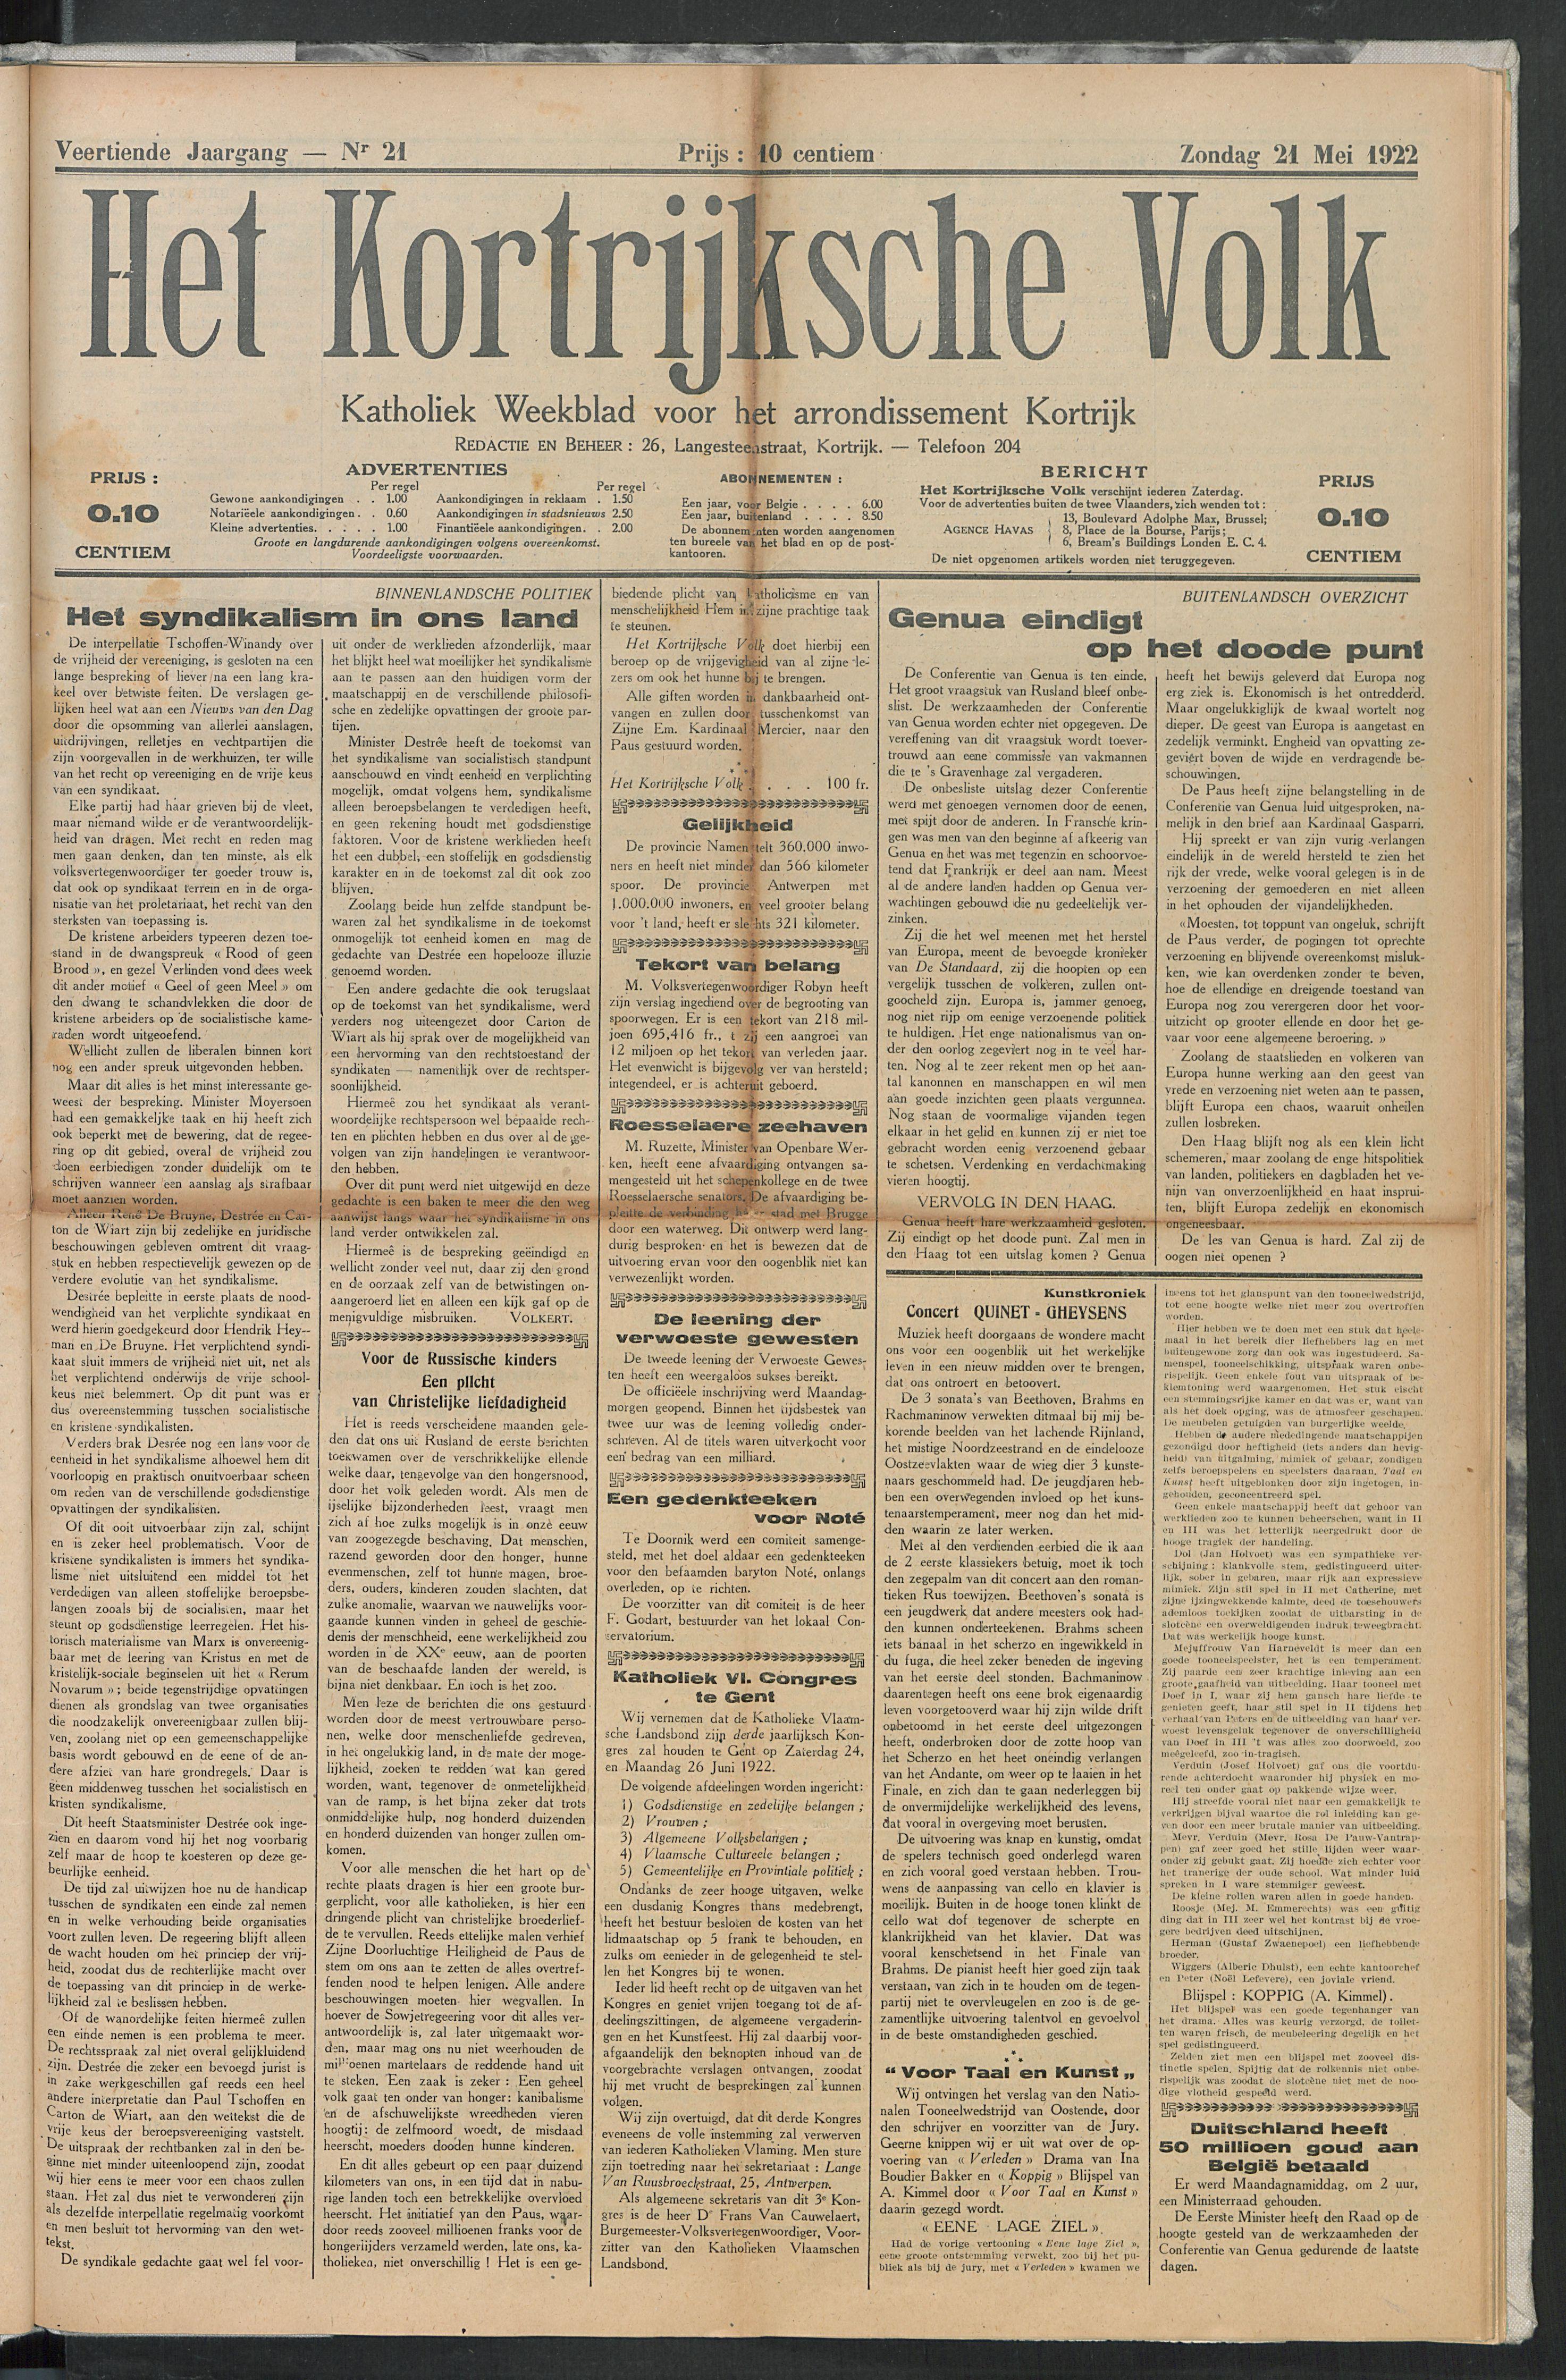 Het Kortrijksche Volk 1922-05-21 p1